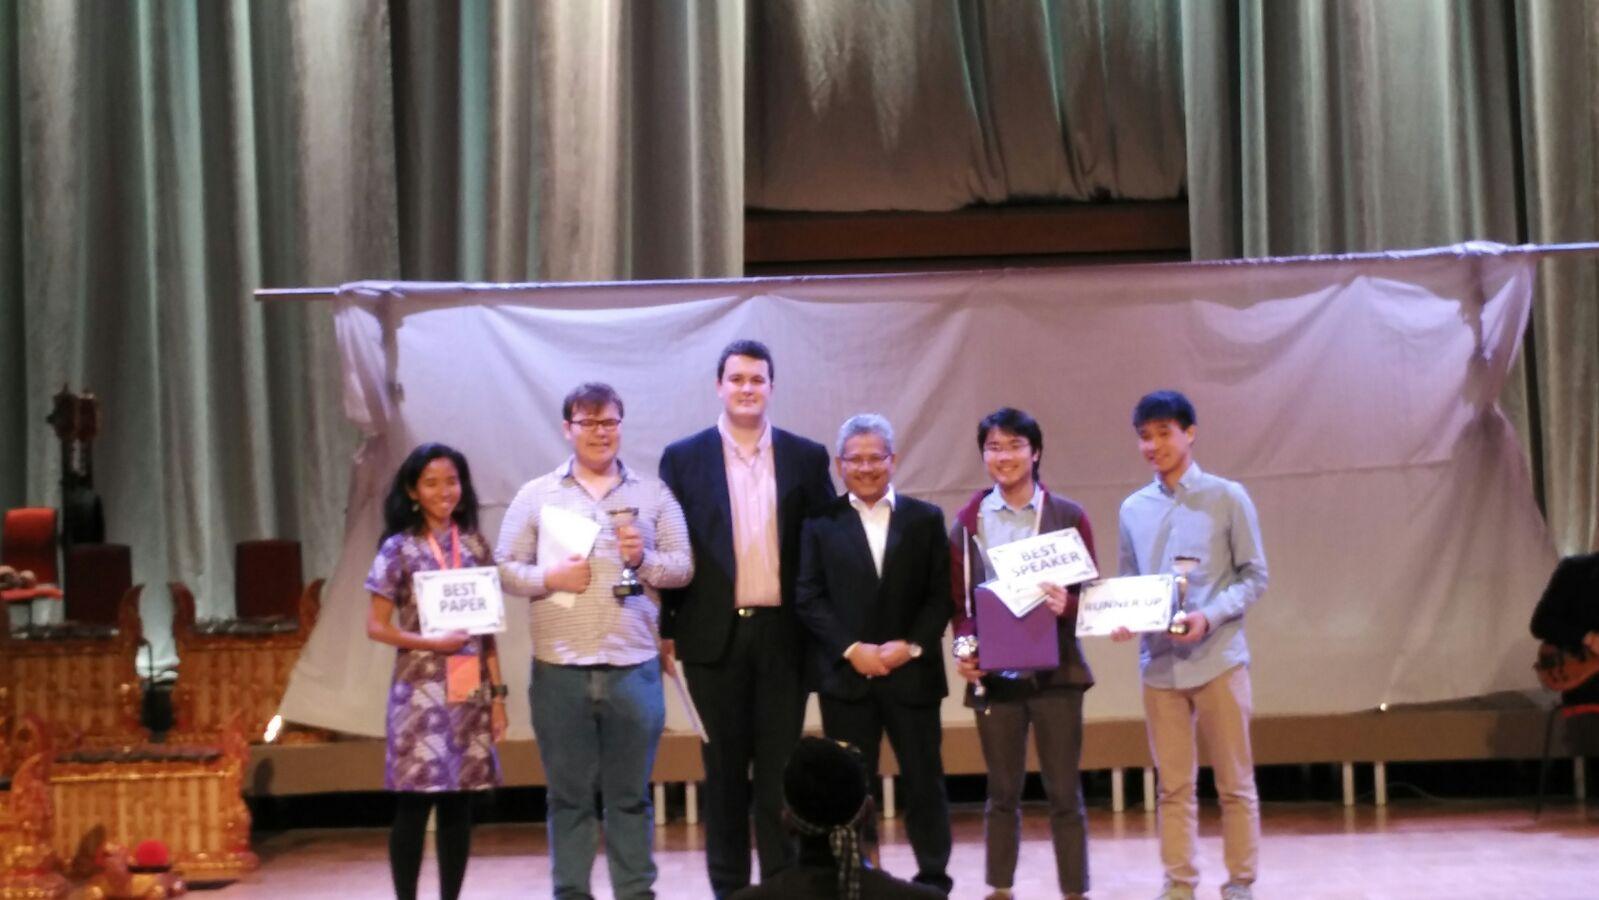 Pemenang Kompetisi Debat dan Pemakalah Terbaik ISIC 2016. Sumber: atdikbudlondon.com